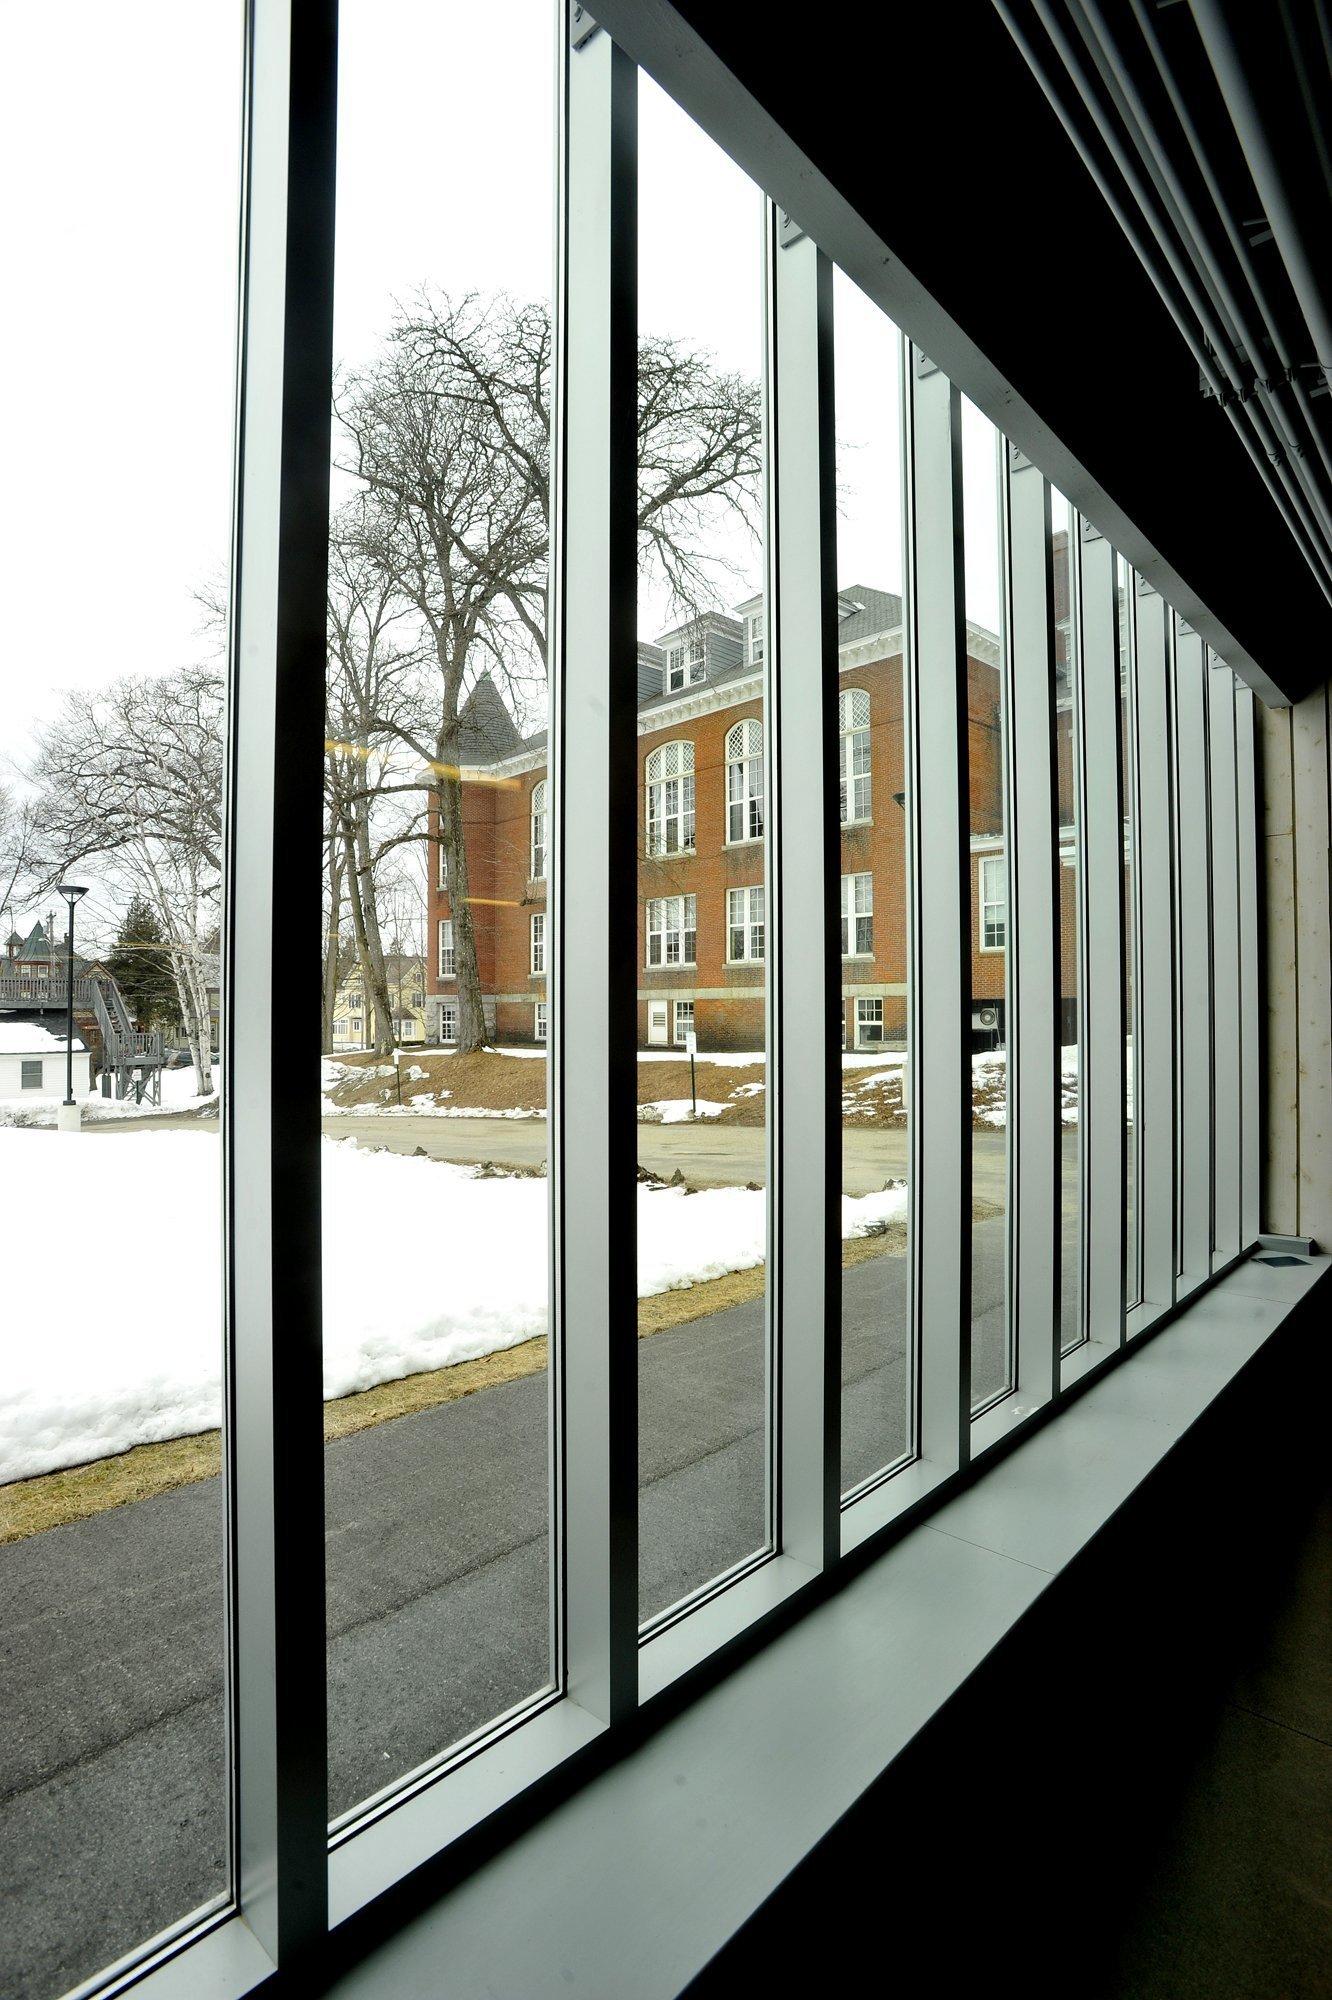 Πώς οι ΗΠΑ δημιούργησαν ένα fake πανεπιστήμιο για να παγιδεύσουν φοιτητές-